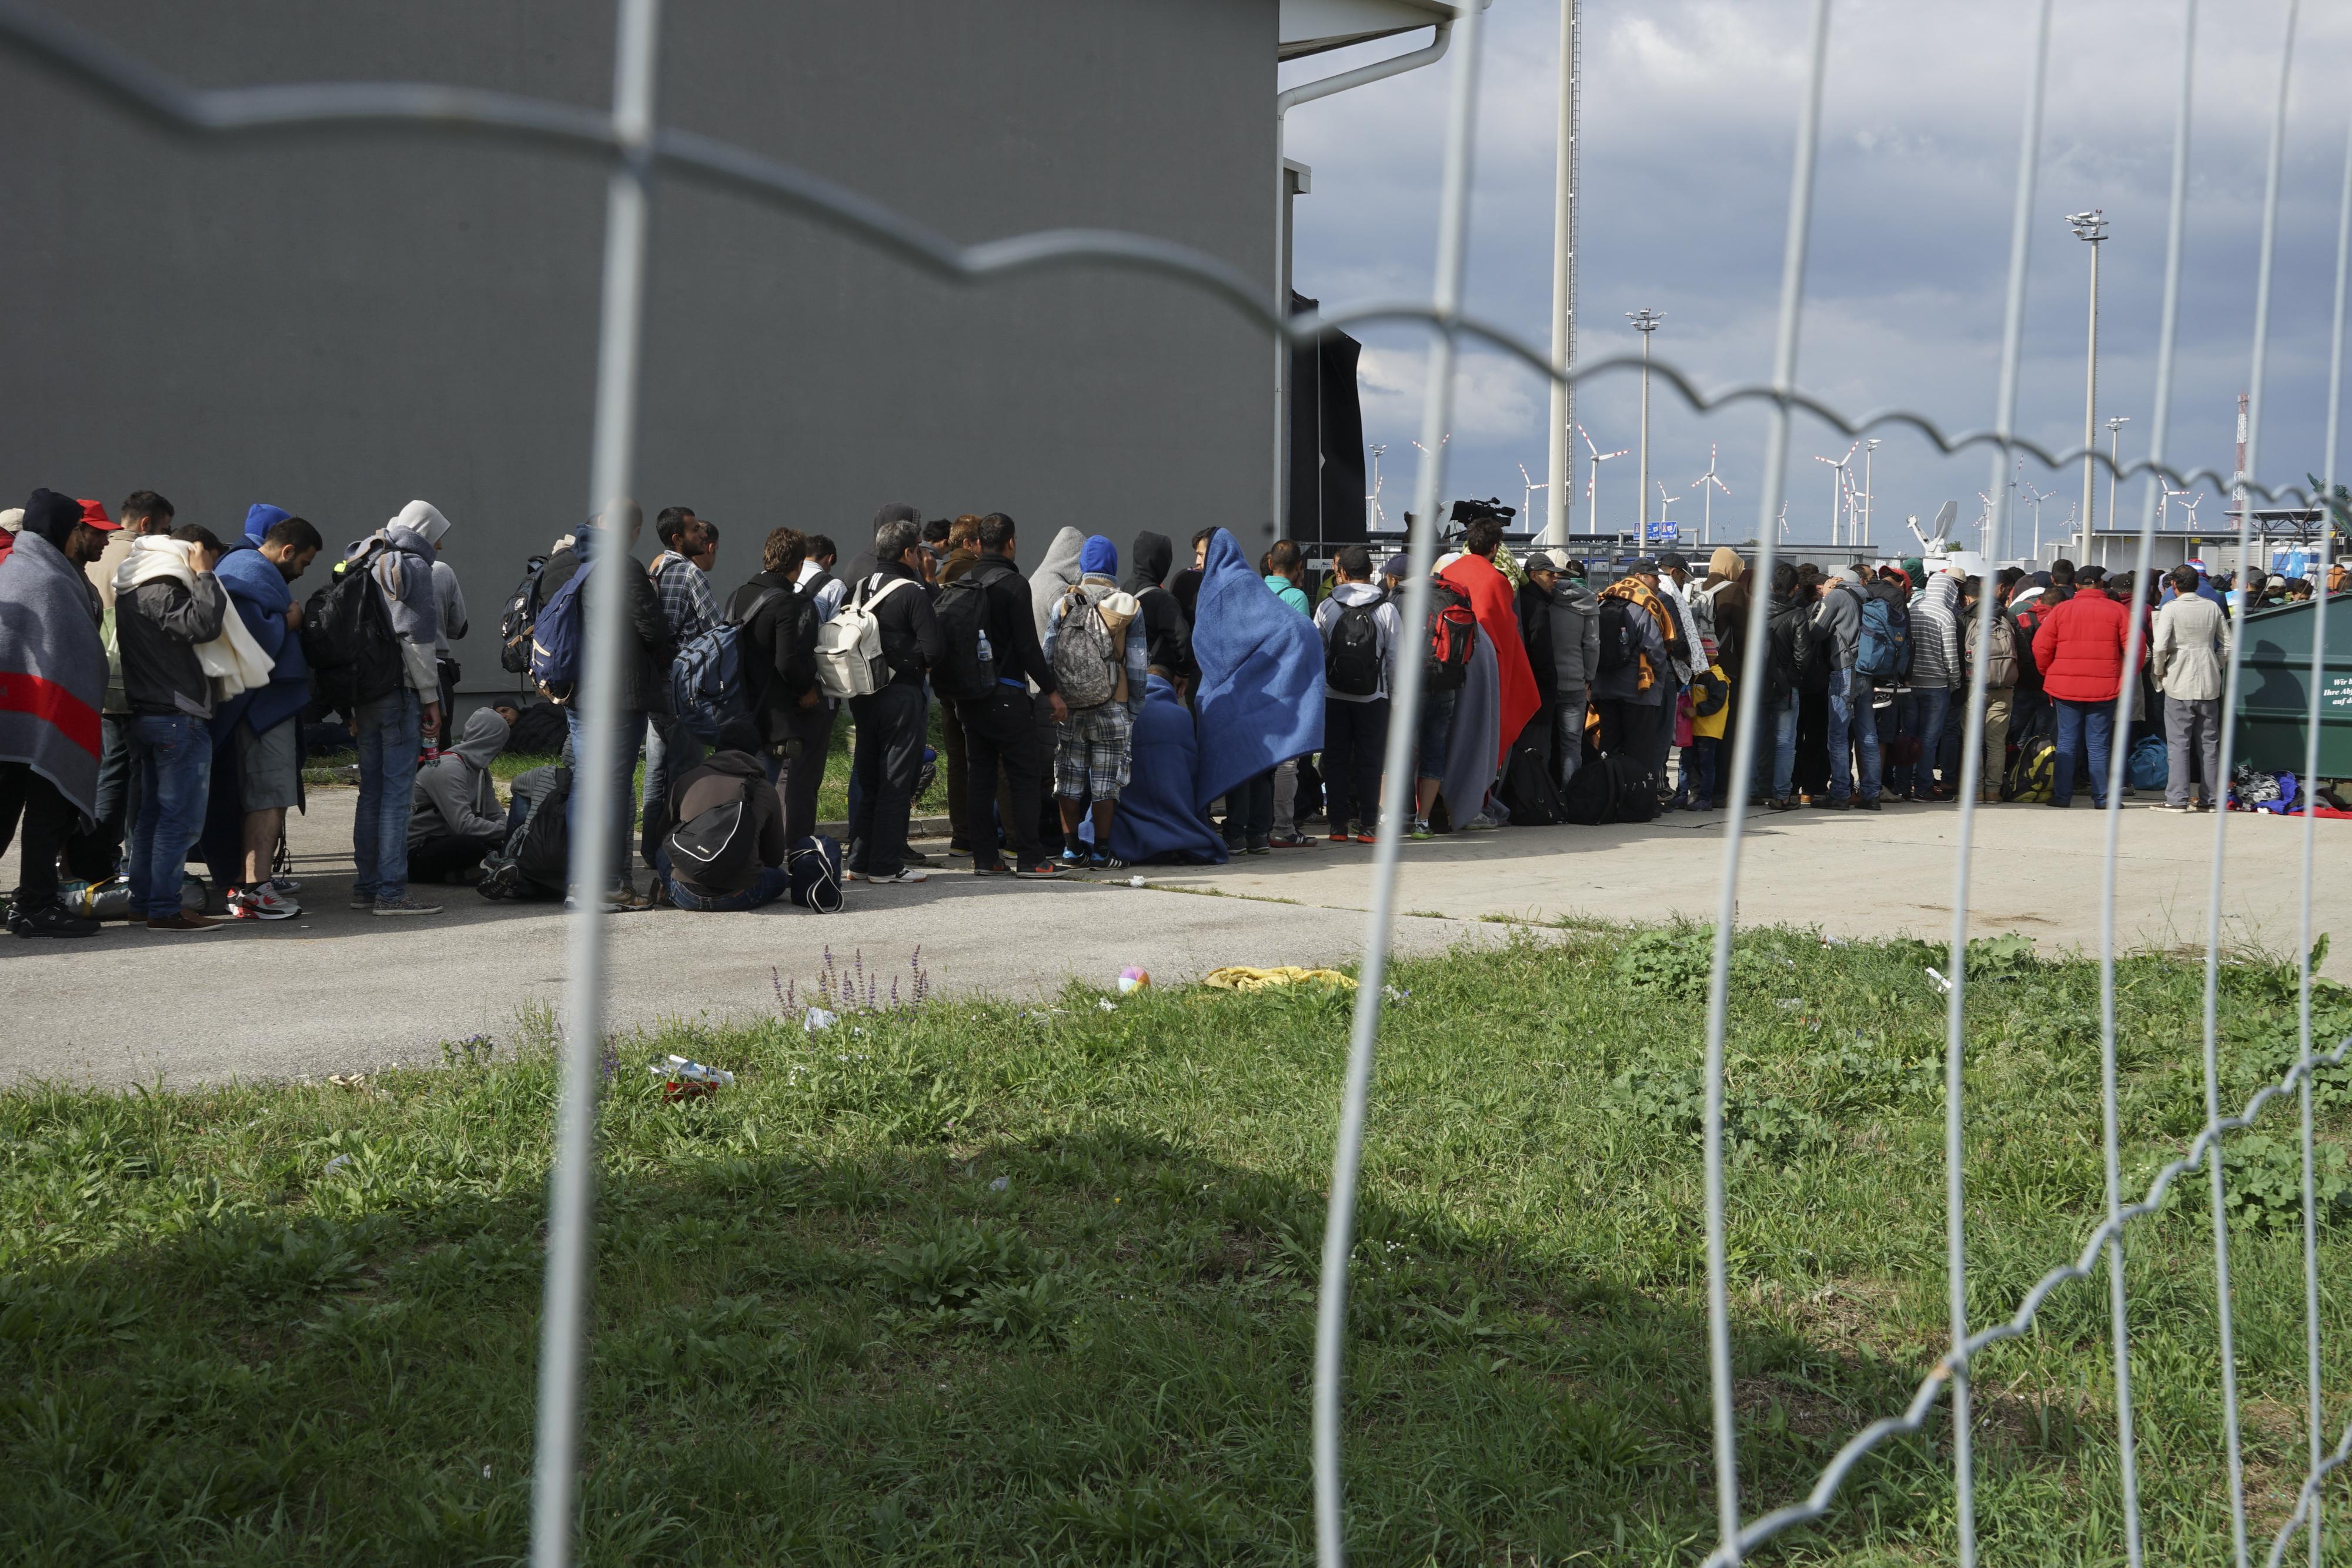 В Дании потерялись 2000 соискателей статуса беженца, которые получили от властей отказ